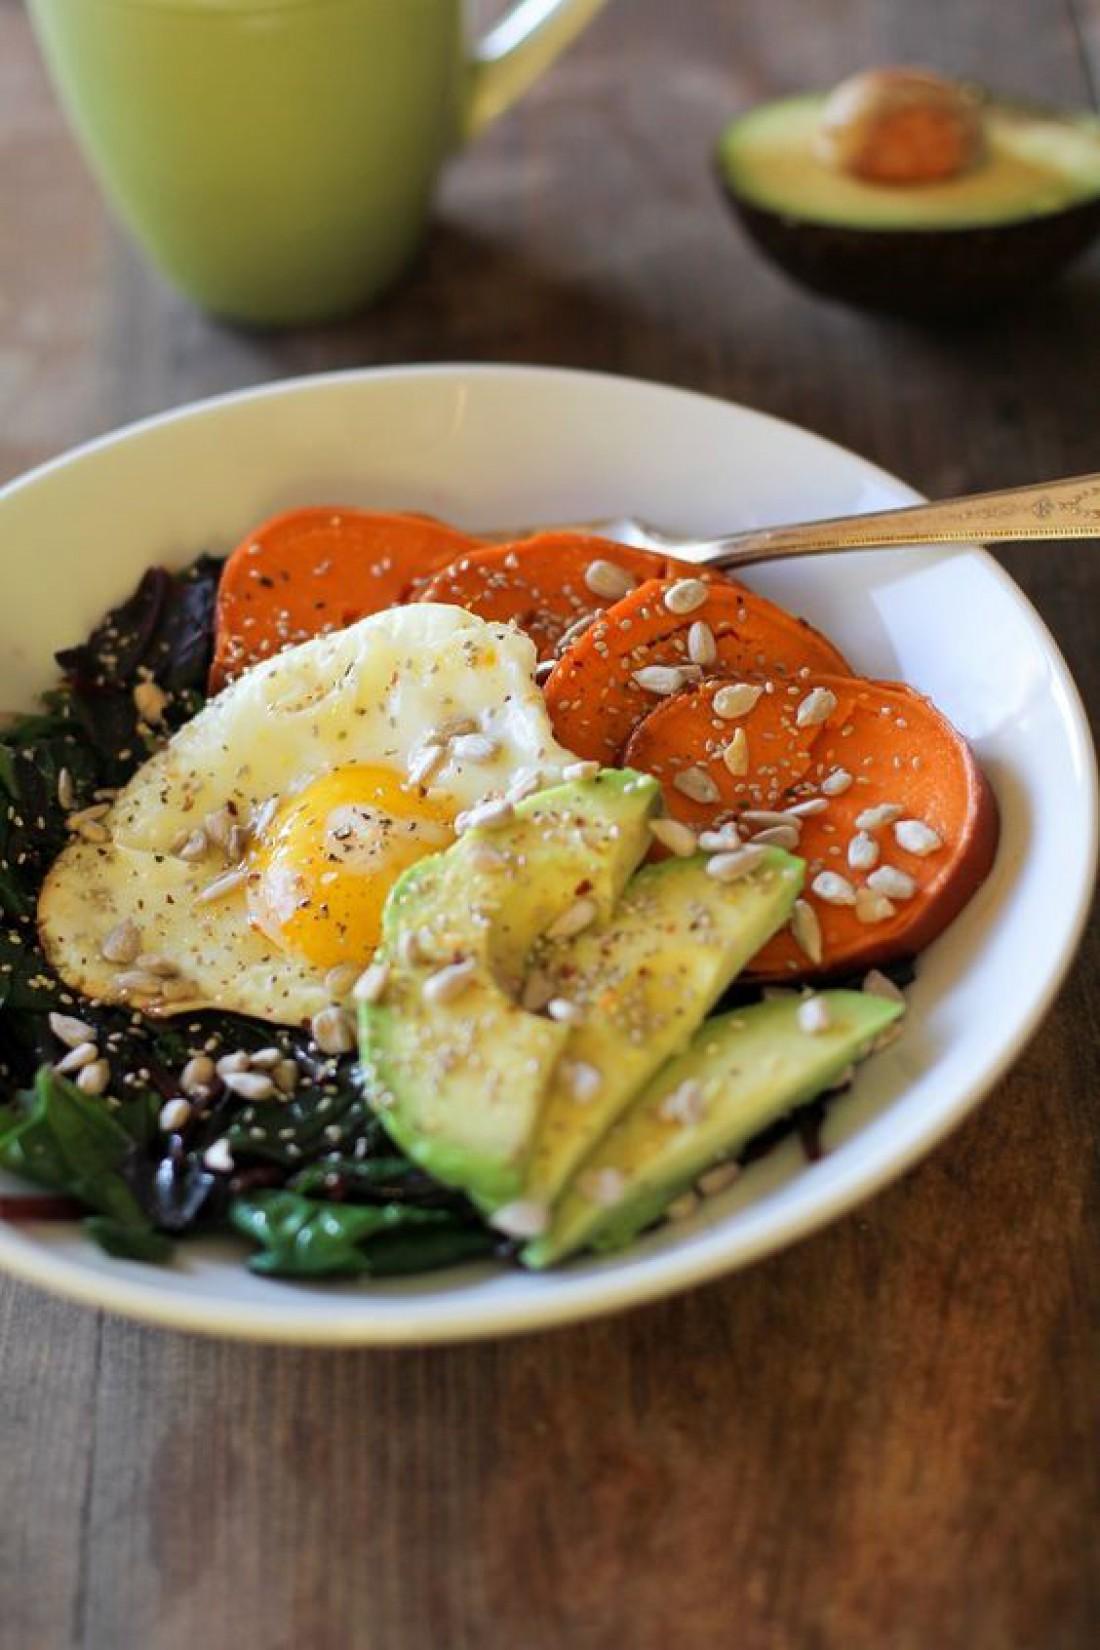 Узнай, как похудеть с помощью здоровых перекусов до 150 калорий